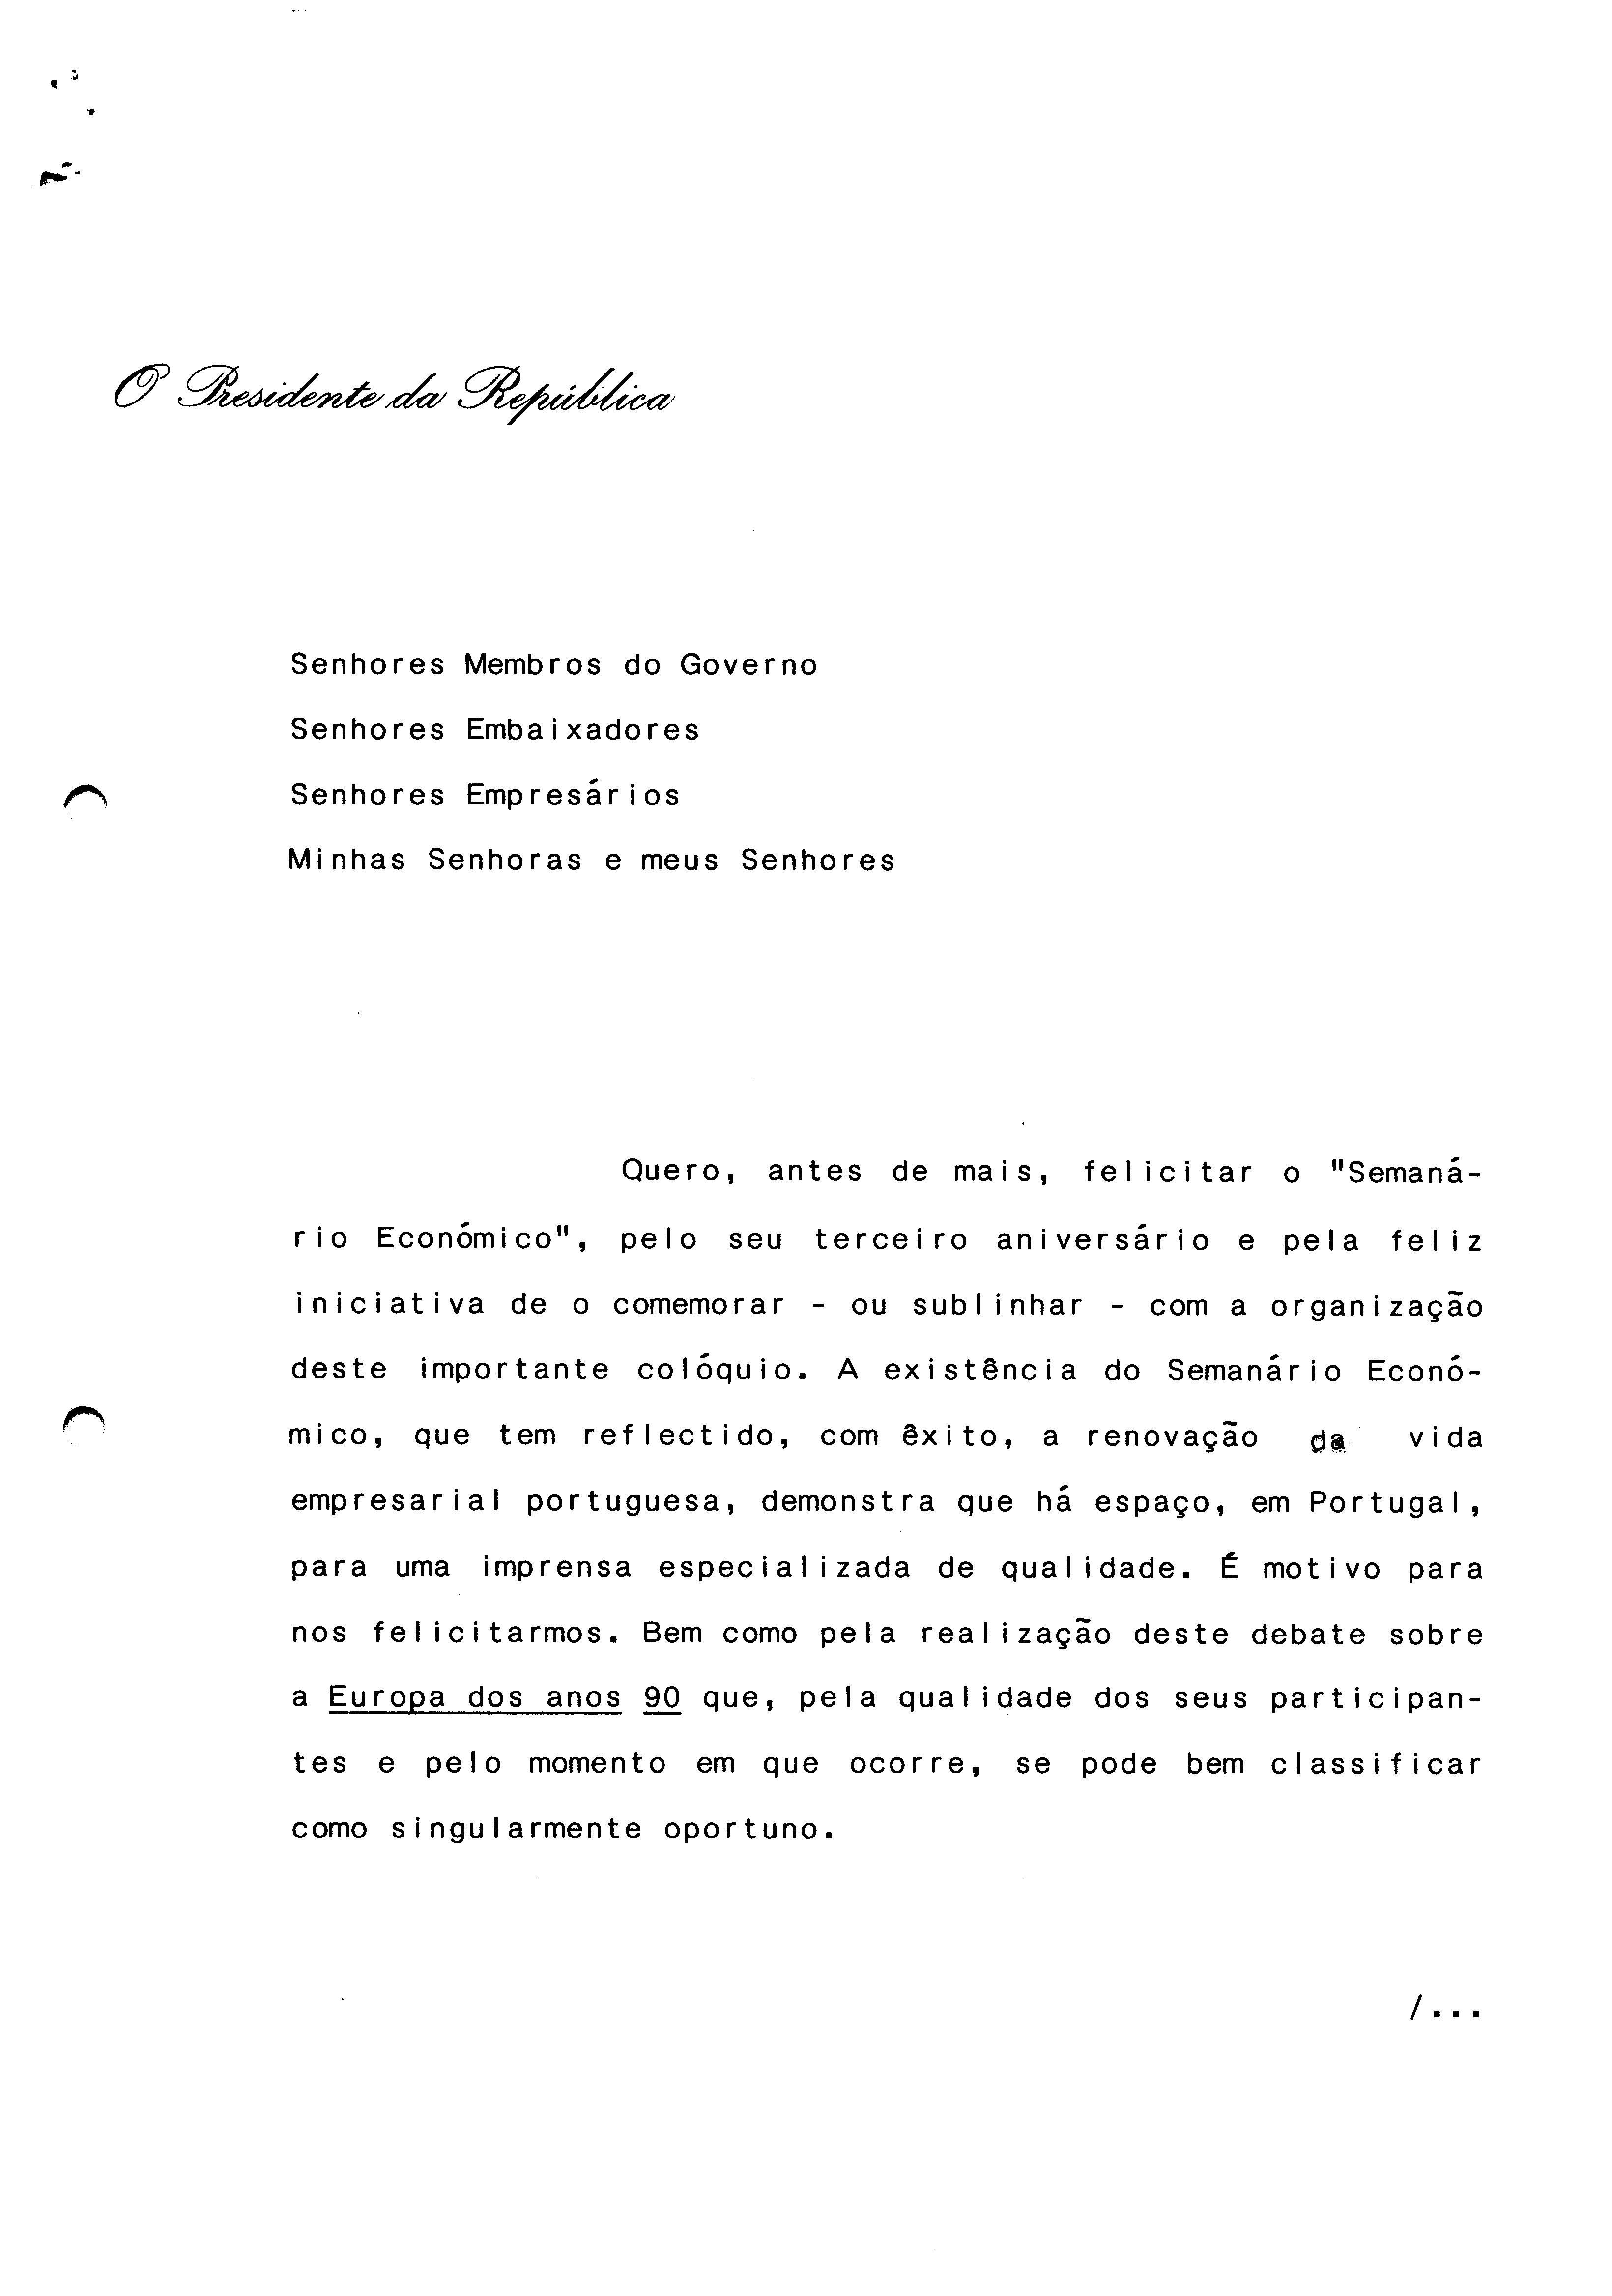 00403.021- pag.1